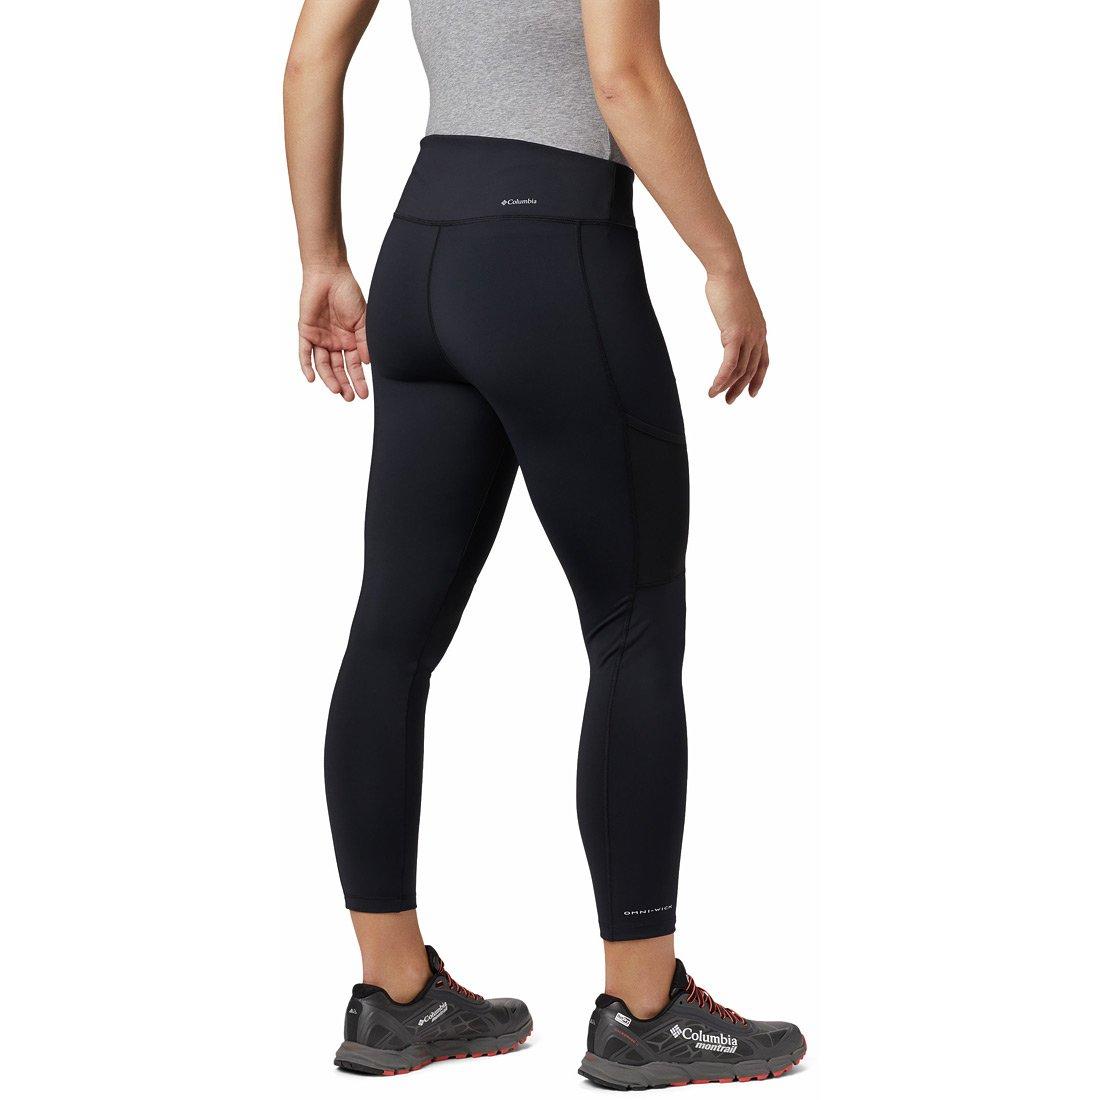 מכנסי טייטס ארוכים לנשים - Windgates II Legging - Columbia